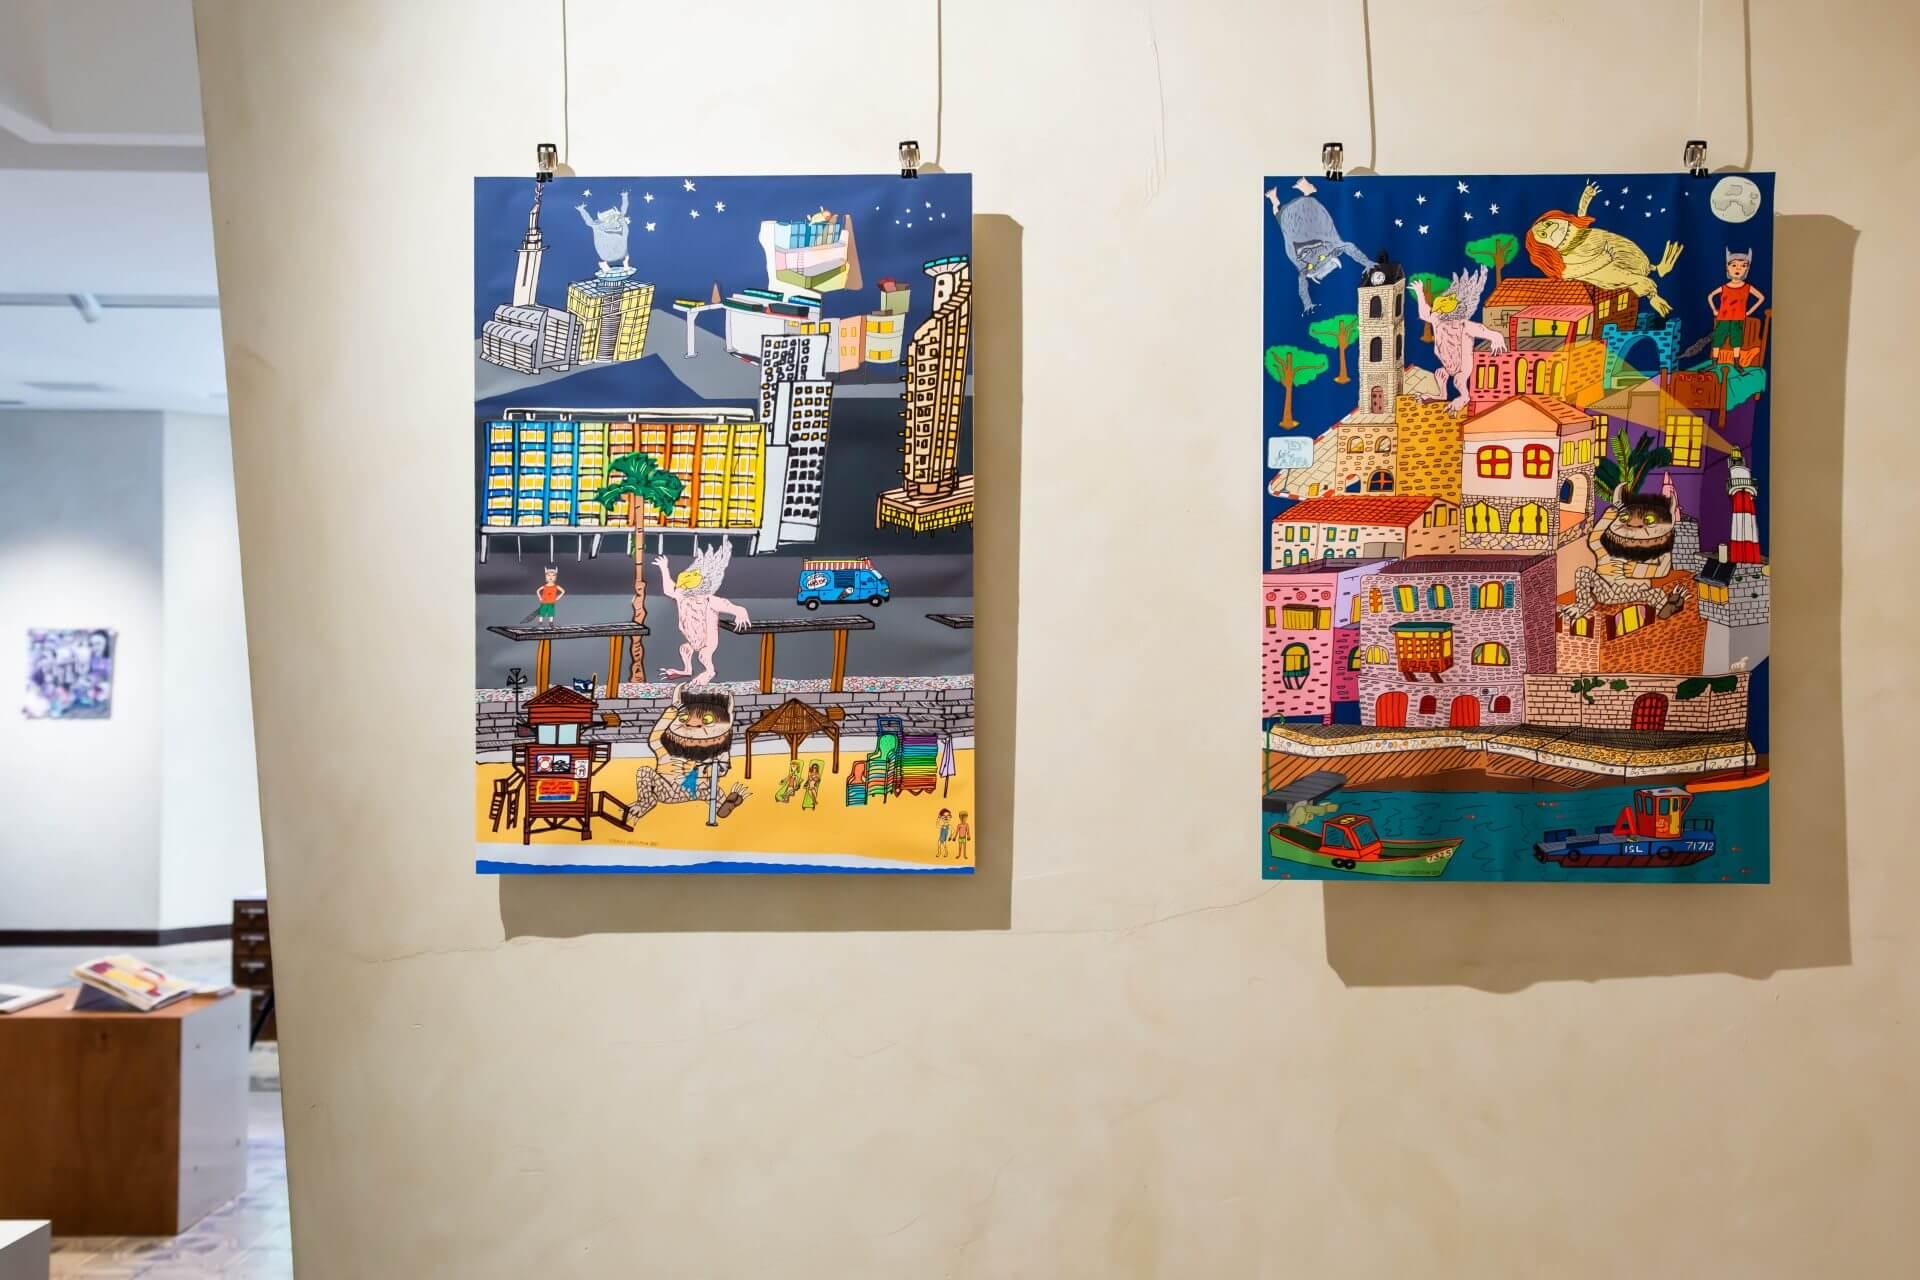 ישי גרייזמן, מסע בעיר הגדולה, שנה: 2019<br /> צילום: הילה עידו